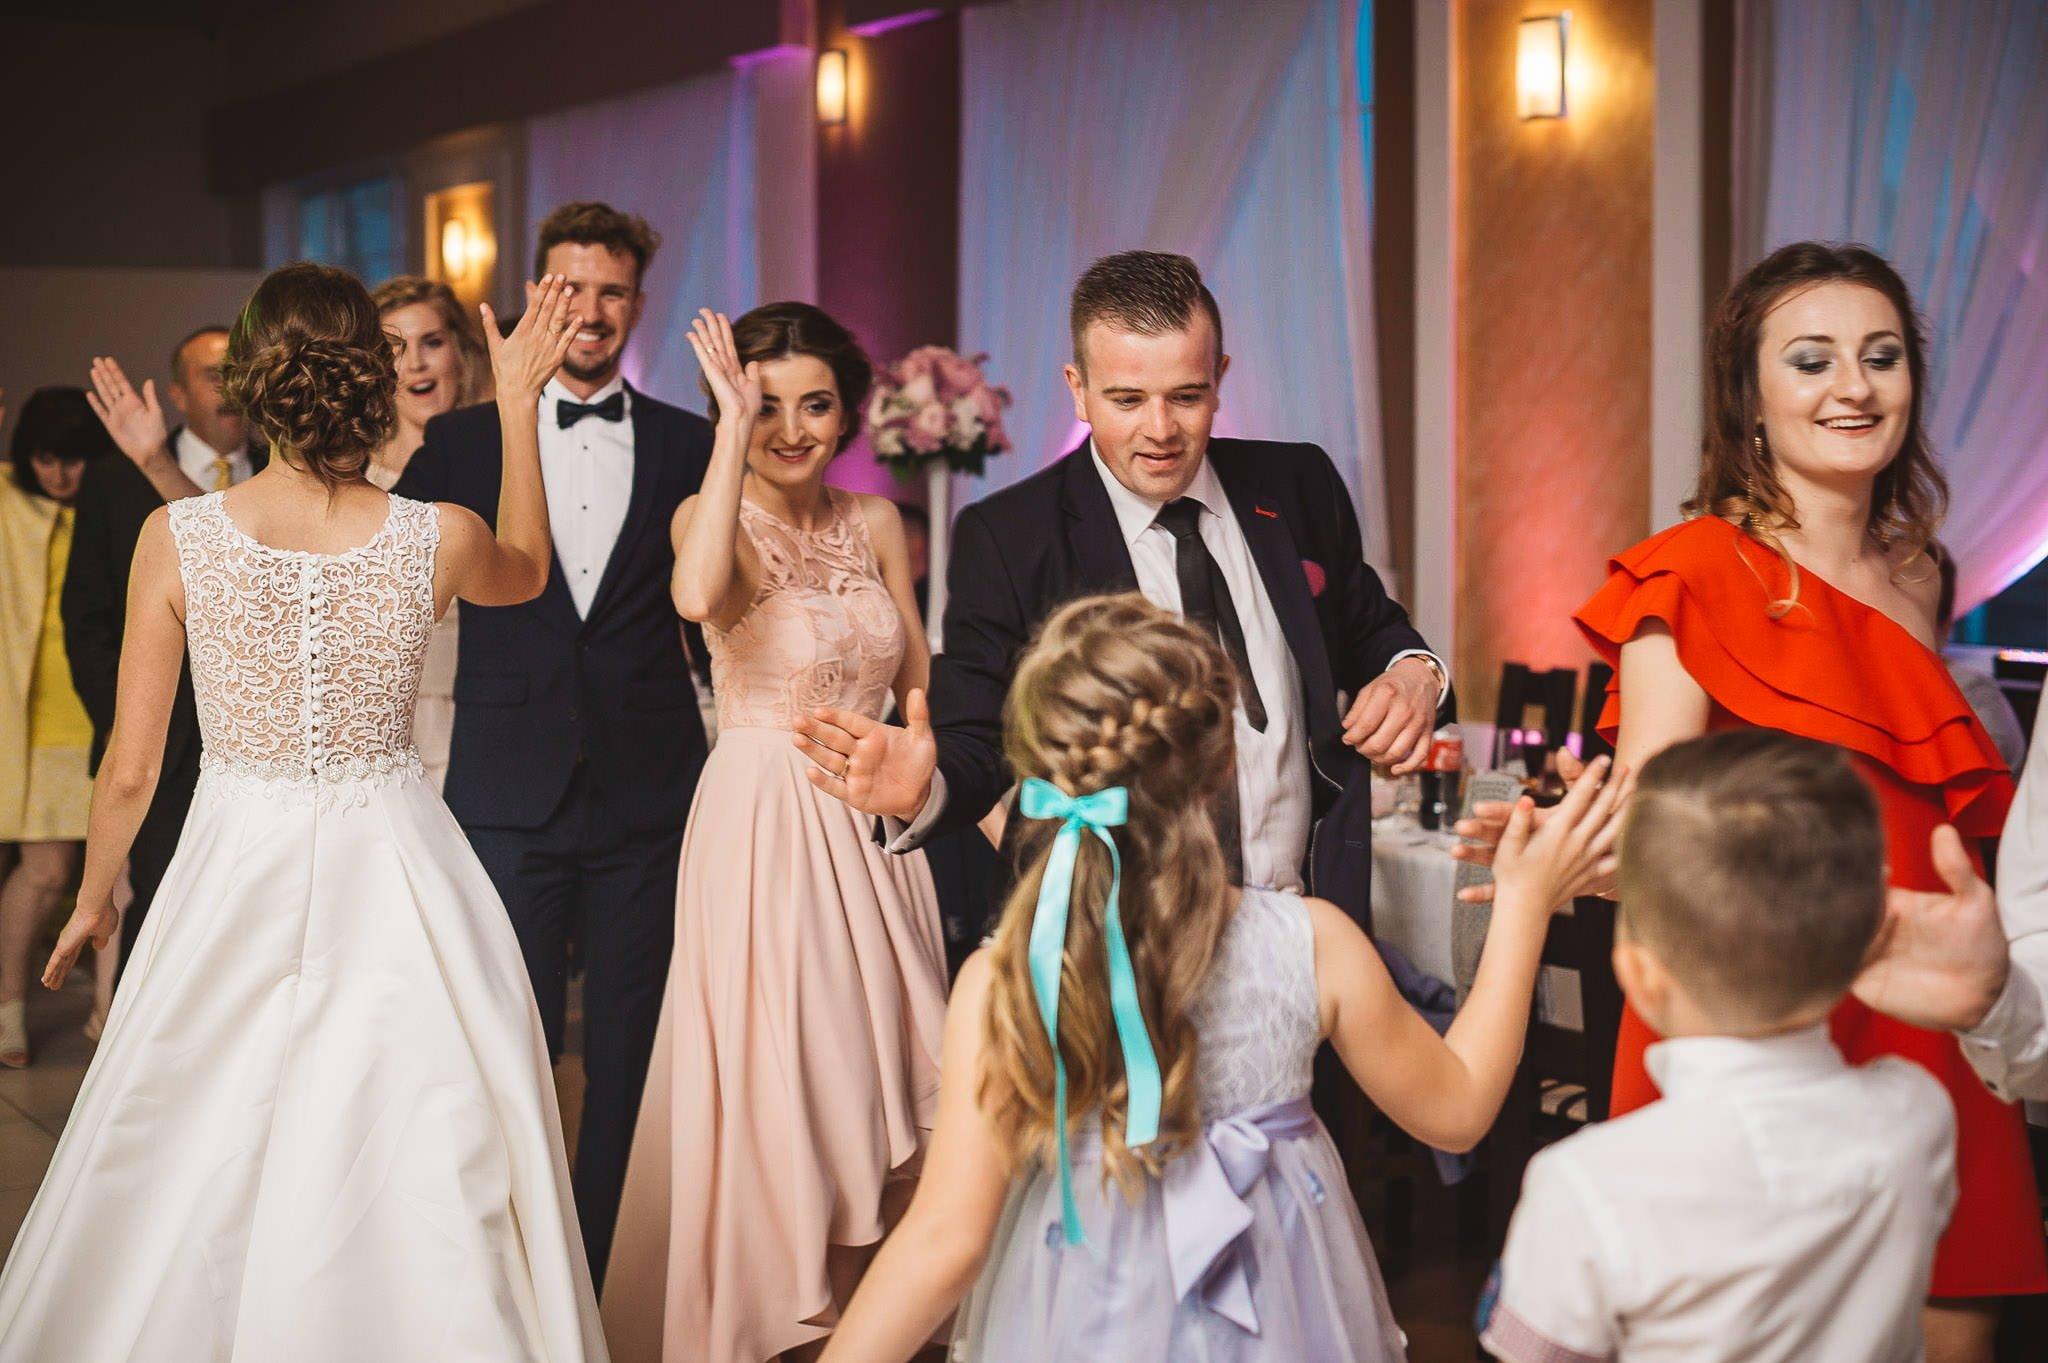 Monika i Michał, wesele w Paryżu i sesja plenerowa w stadninie koni w Czołowie 206